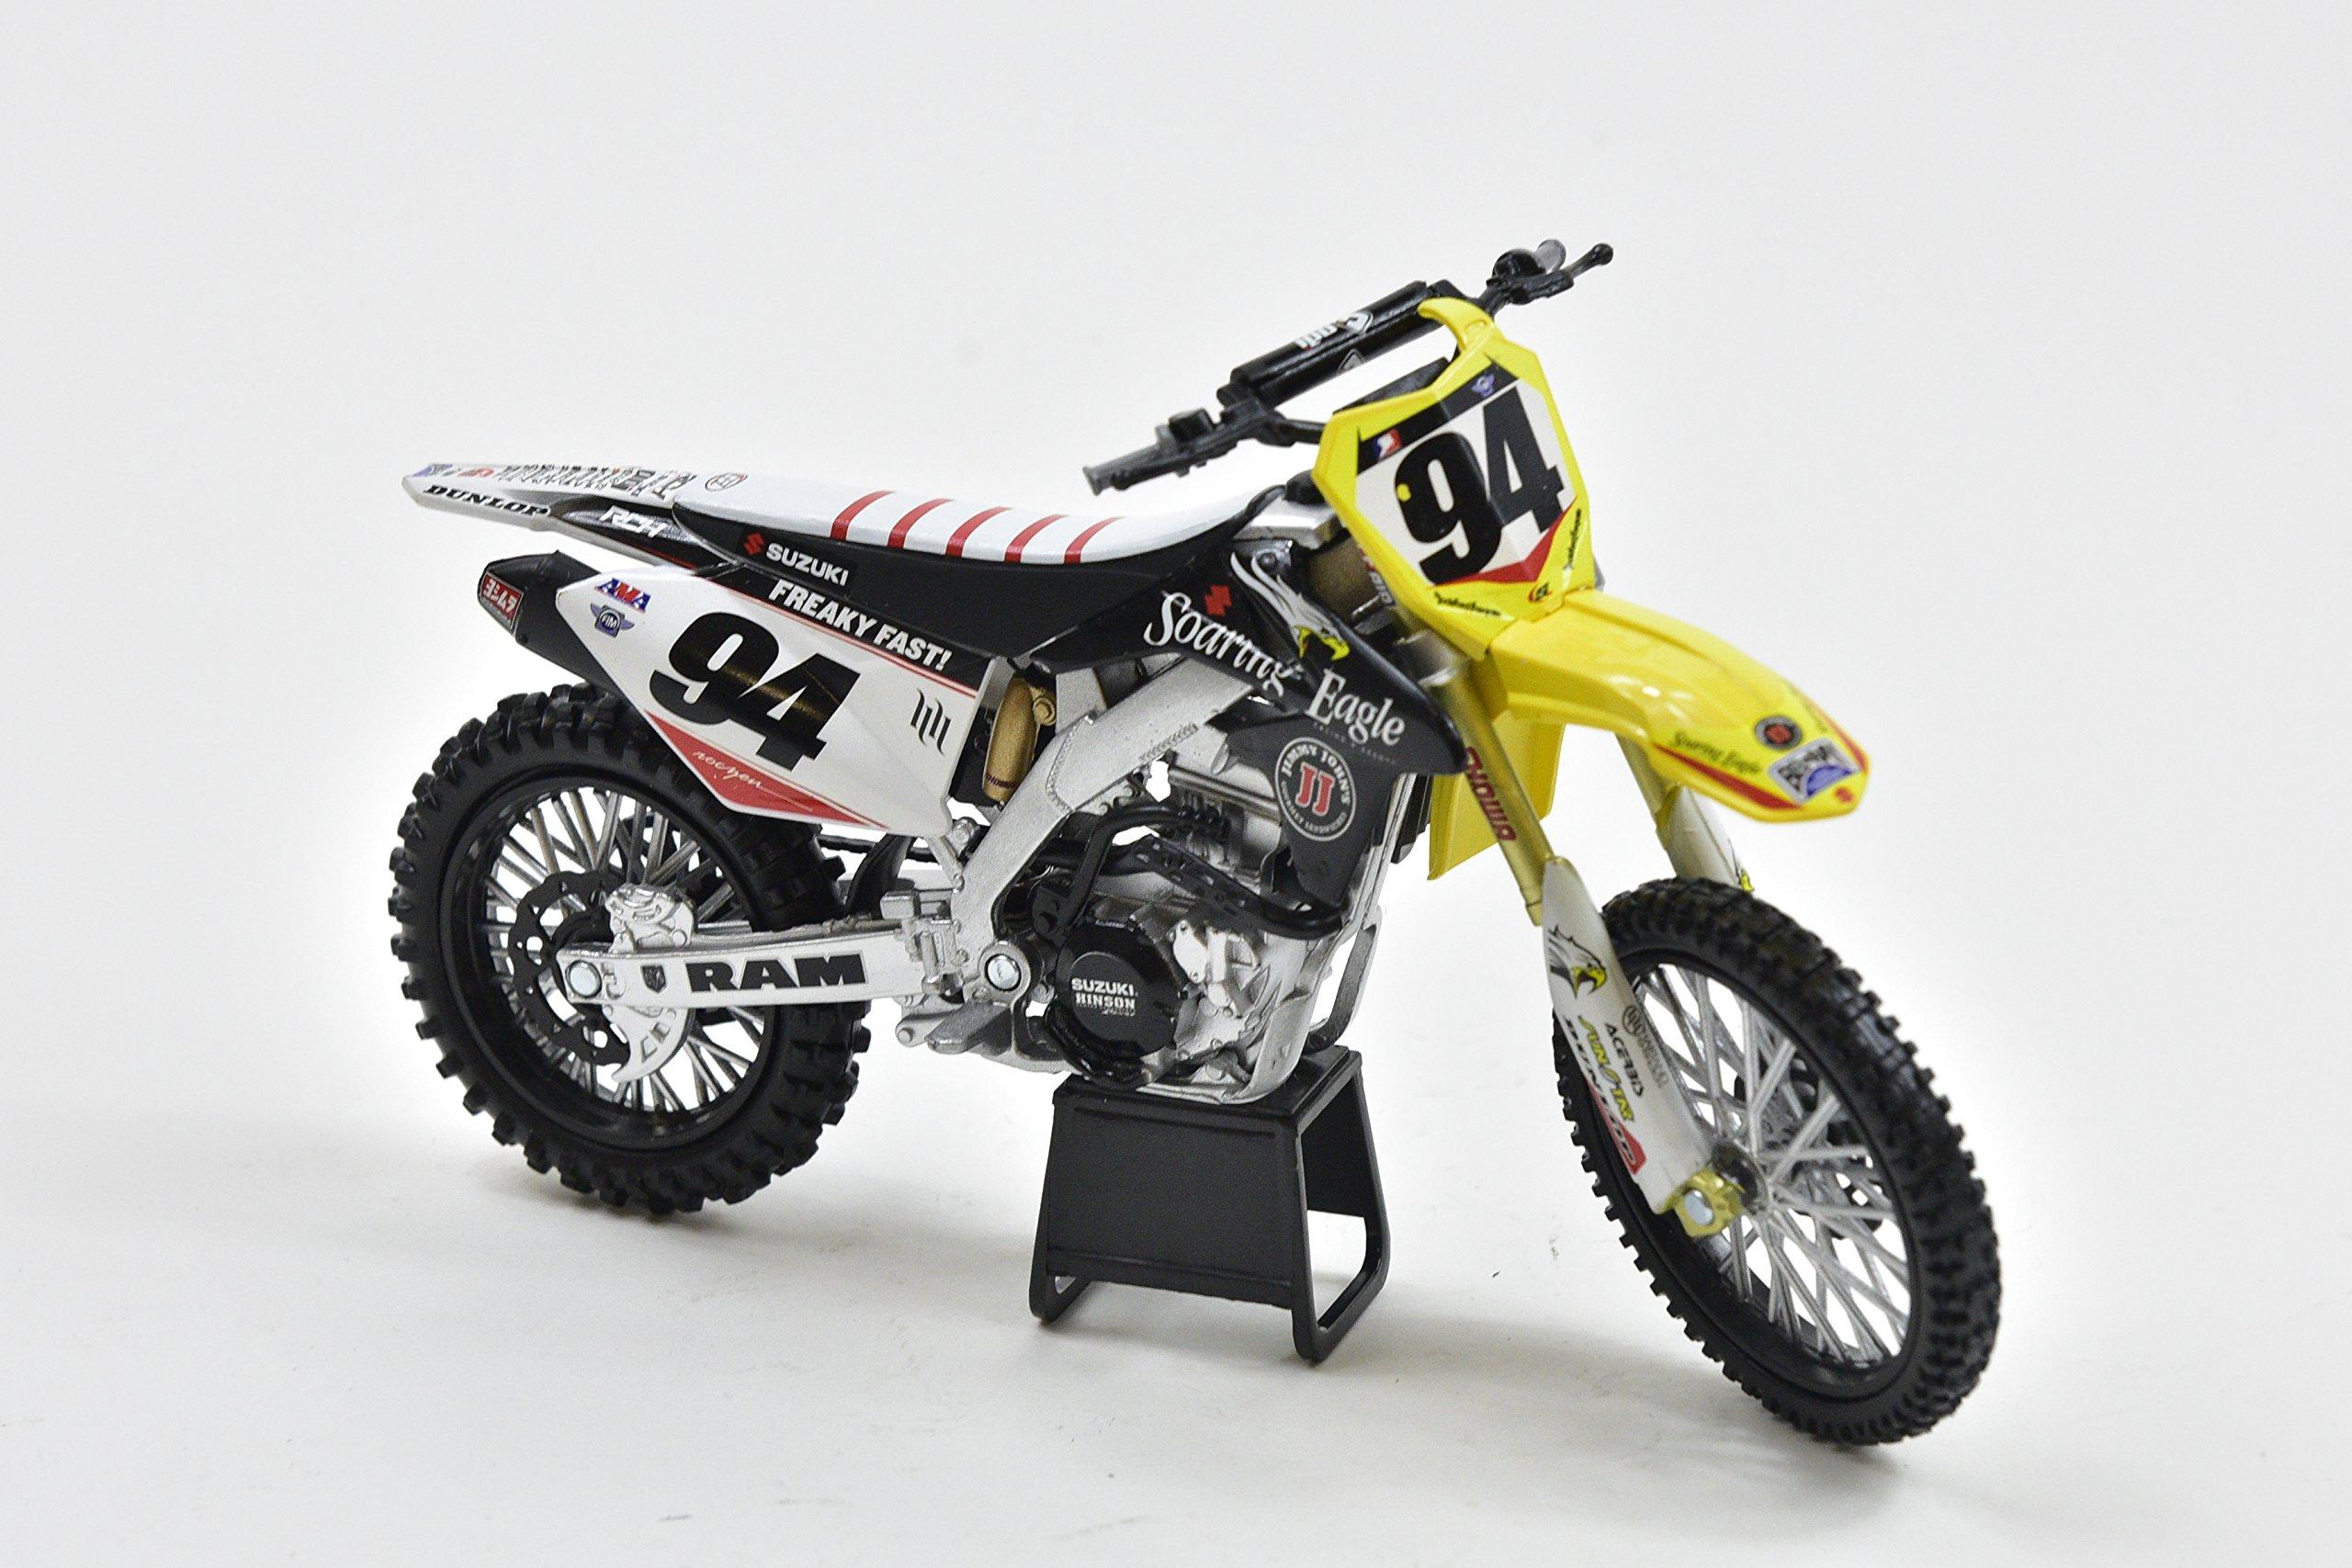 Suzuki 57743 Motorcycle Rmz No. 94 1:12 Scale